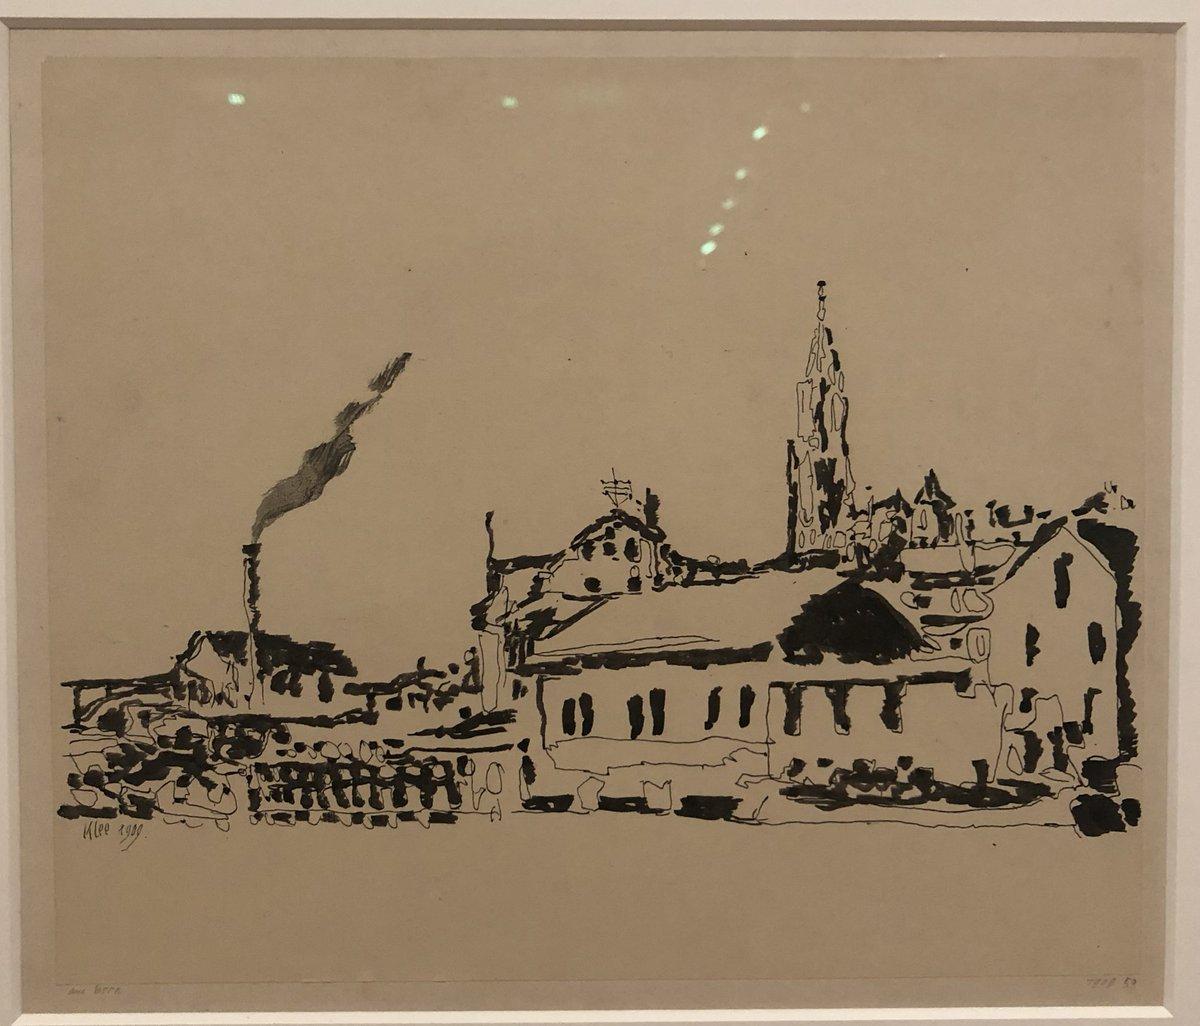 C'est sur ce dessin de #Berne par Paul Klee que s'achève cette journée (et ce thread) sur la capitale Suisse ! Demain je vous emmènerai à Lausanne 🇨🇭🇨🇭🇨🇭 #ilovebern #amoureuxdelasuisse